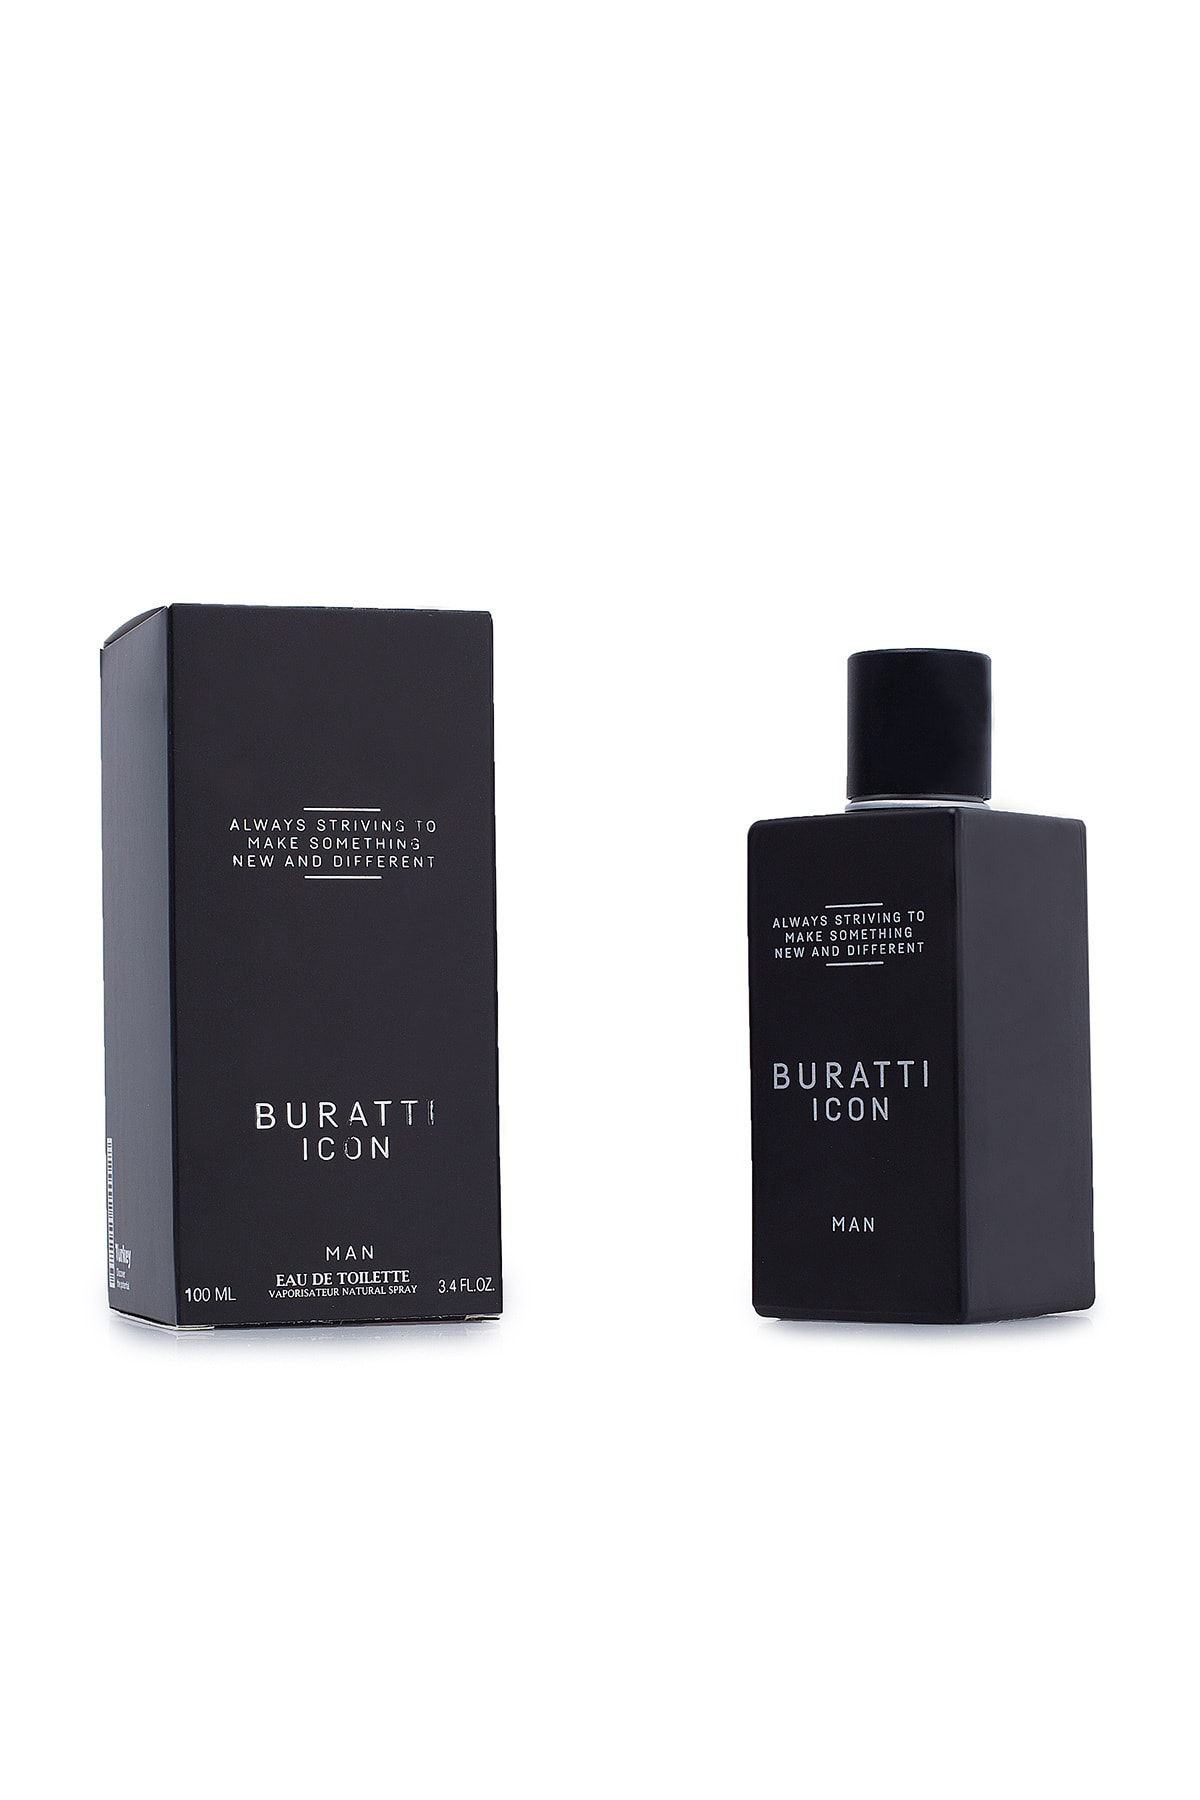 Buratti Erkek Edt 100 ml Parfüm 509ICON